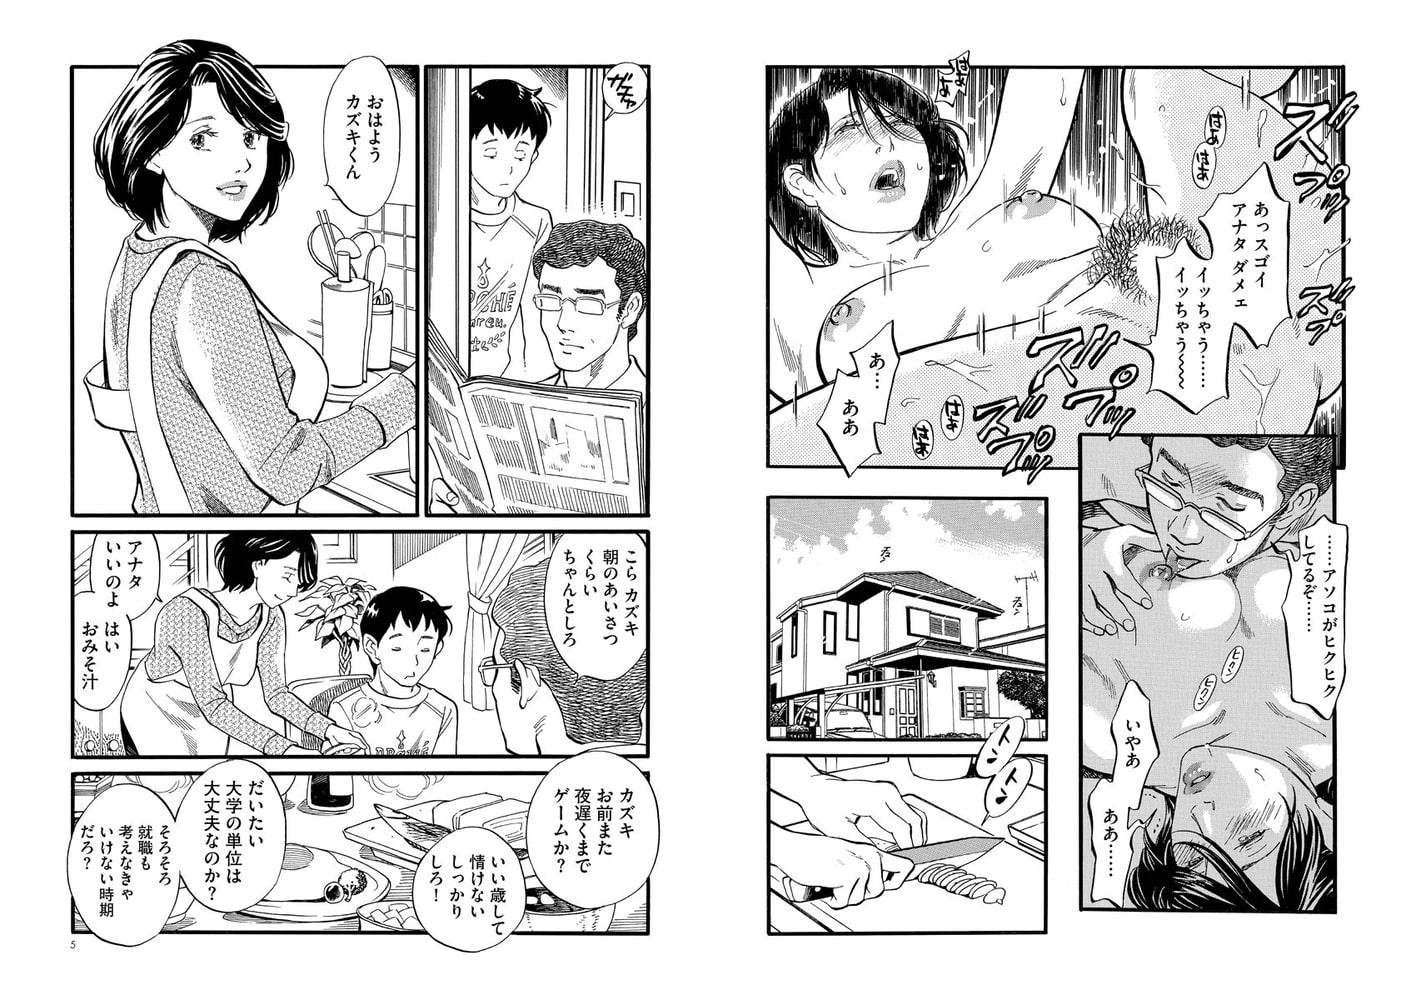 漫画人妻本当にあったHな話 Vol.6